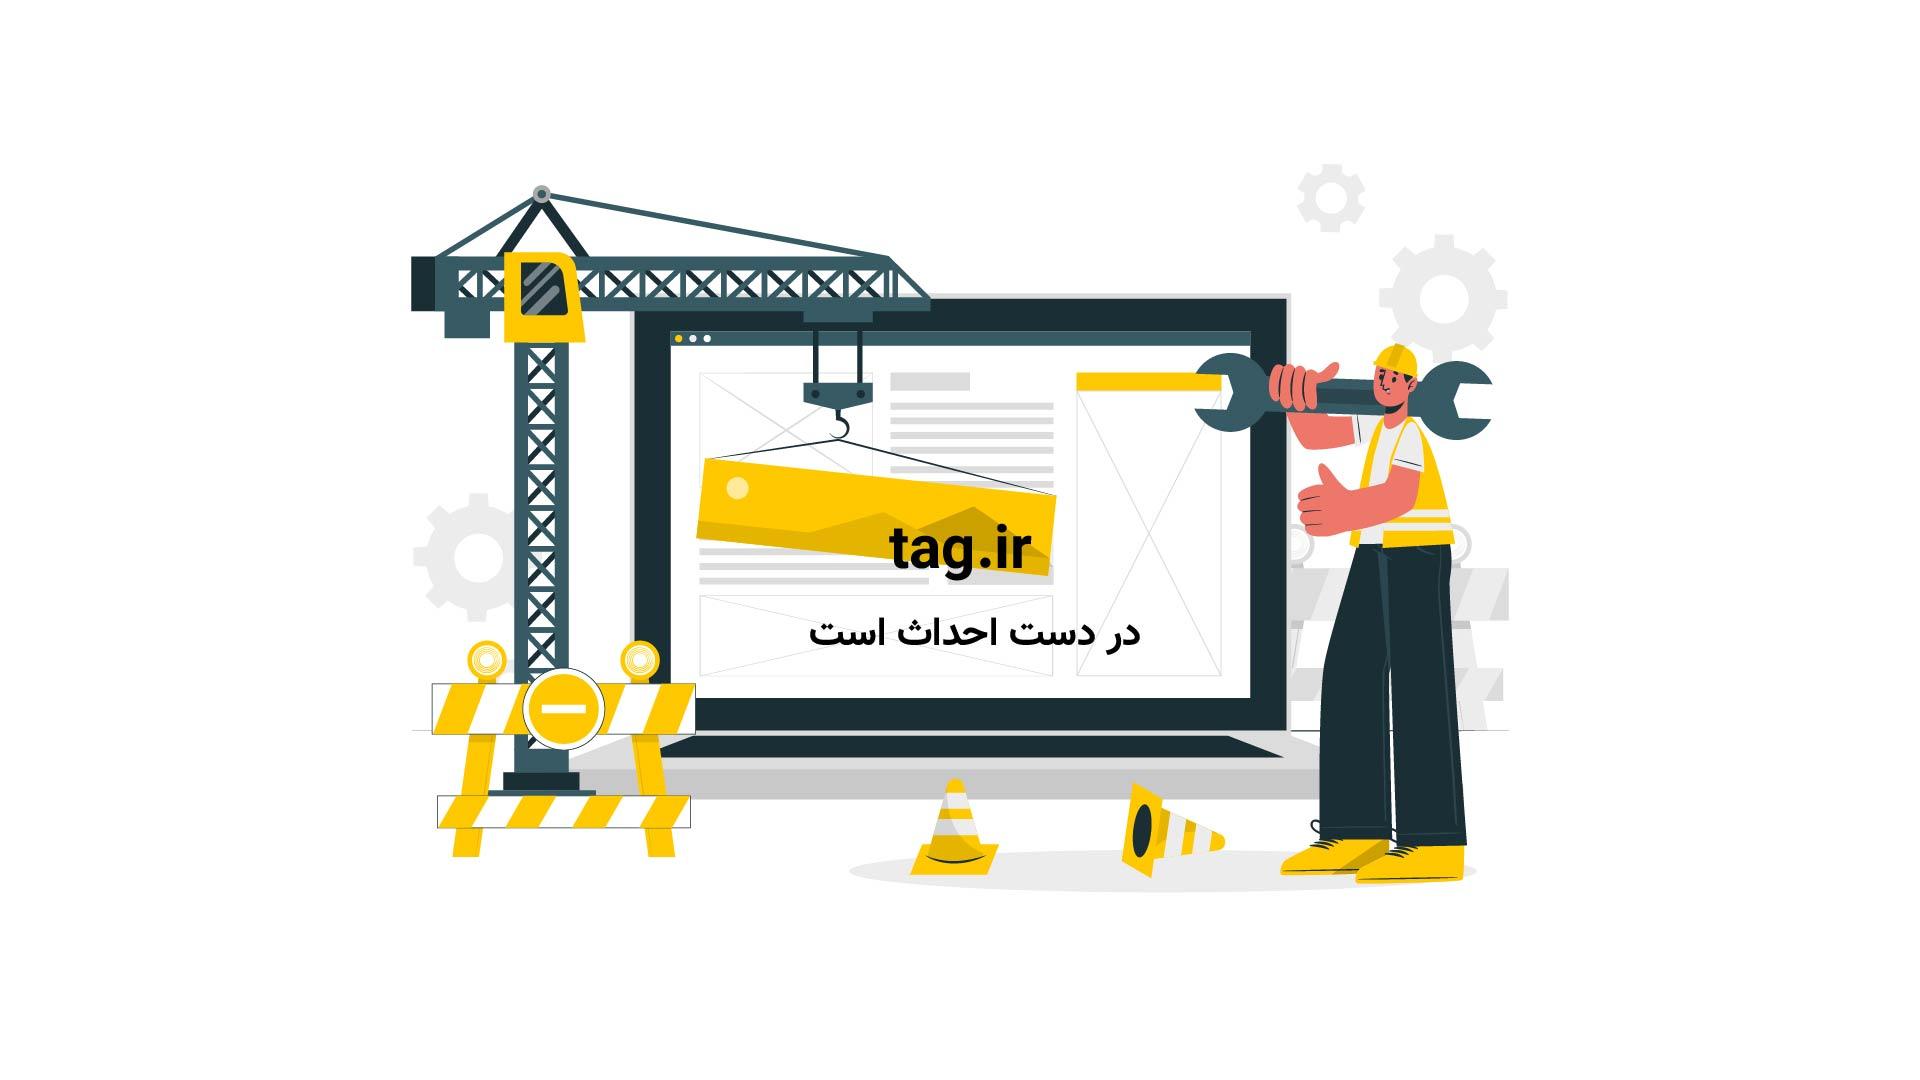 لحظه ورود محمد معتمدی به برنامه خندوانه   فیلم